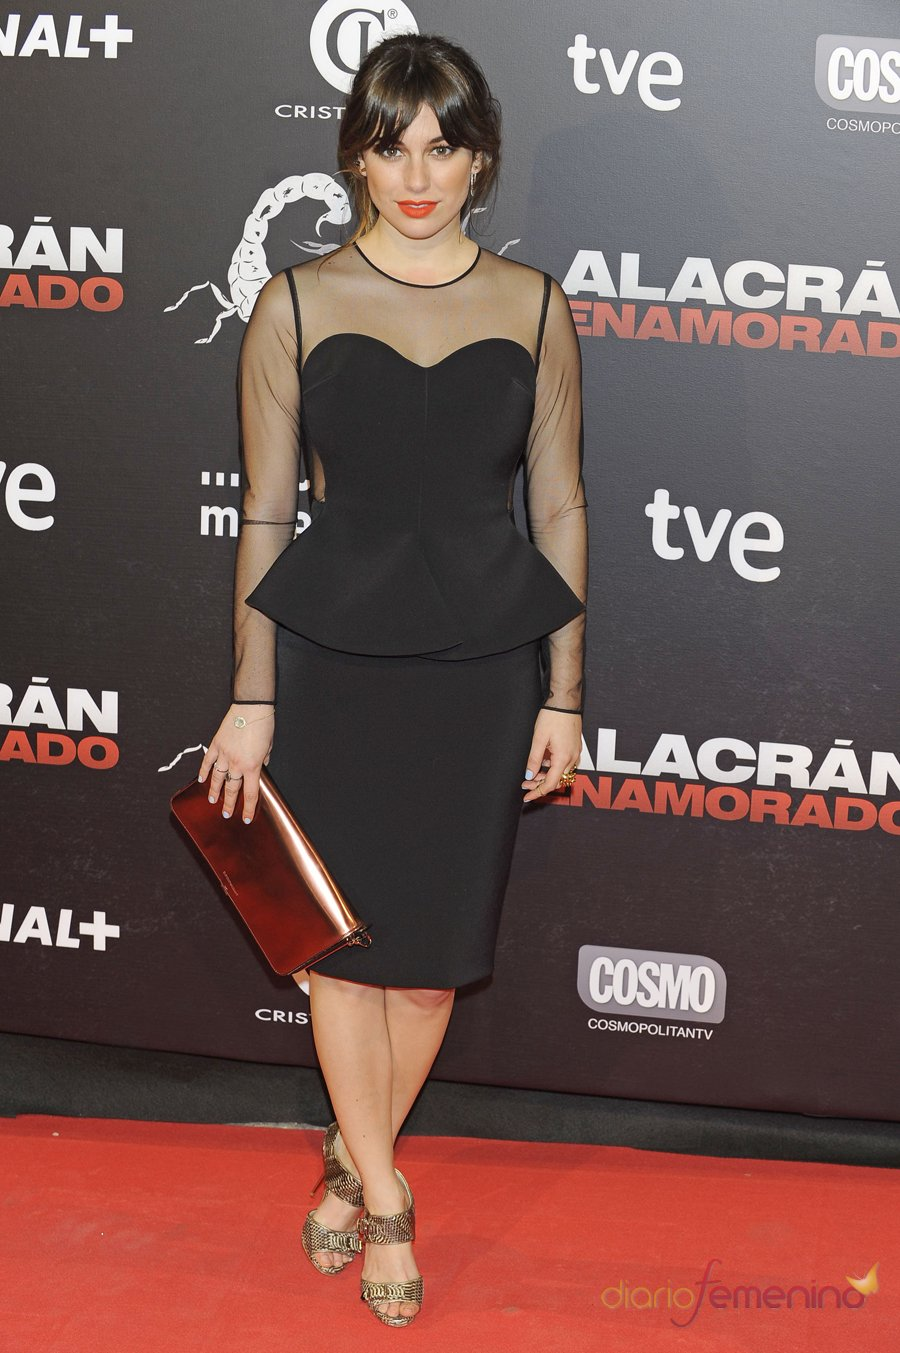 El look de Blanca Suárez en la premiere de 'Alacrán enamorado'